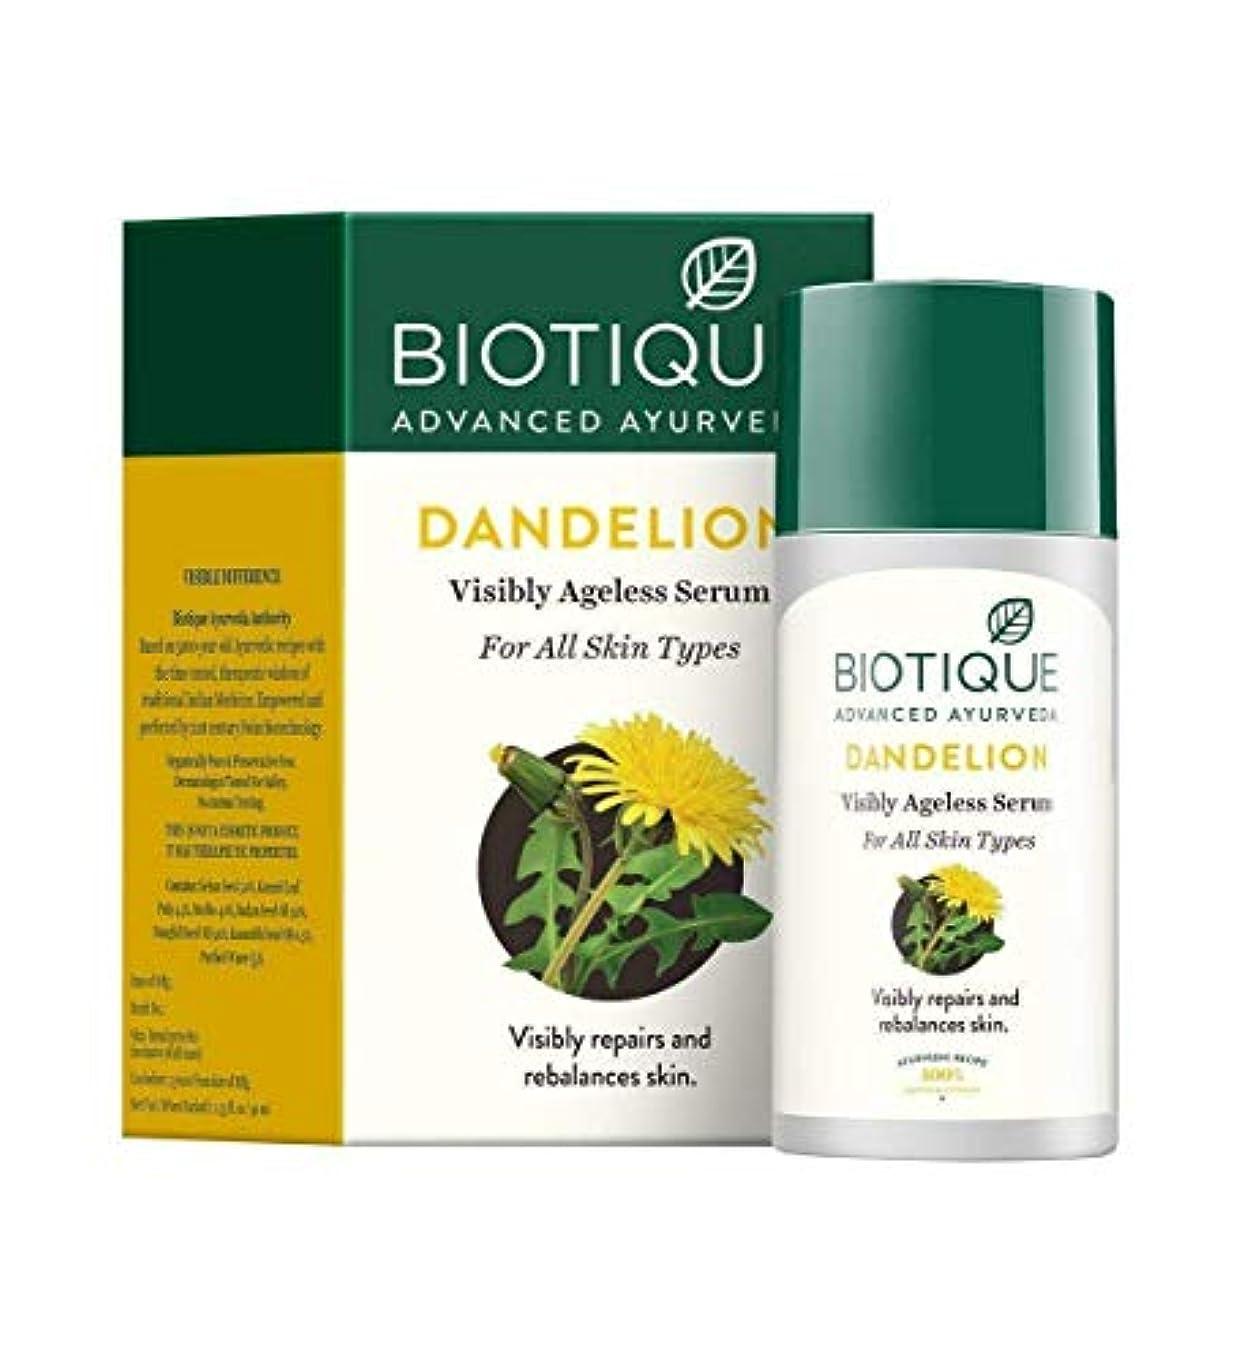 領域ホース読むBiotique Bio Dandelion Visibly Ageless lightening serum, 40 ml Rich in Vitamin E Biotiqueバイオタンポポ目に見えないエイジライトニング血清豊富なビタミンE